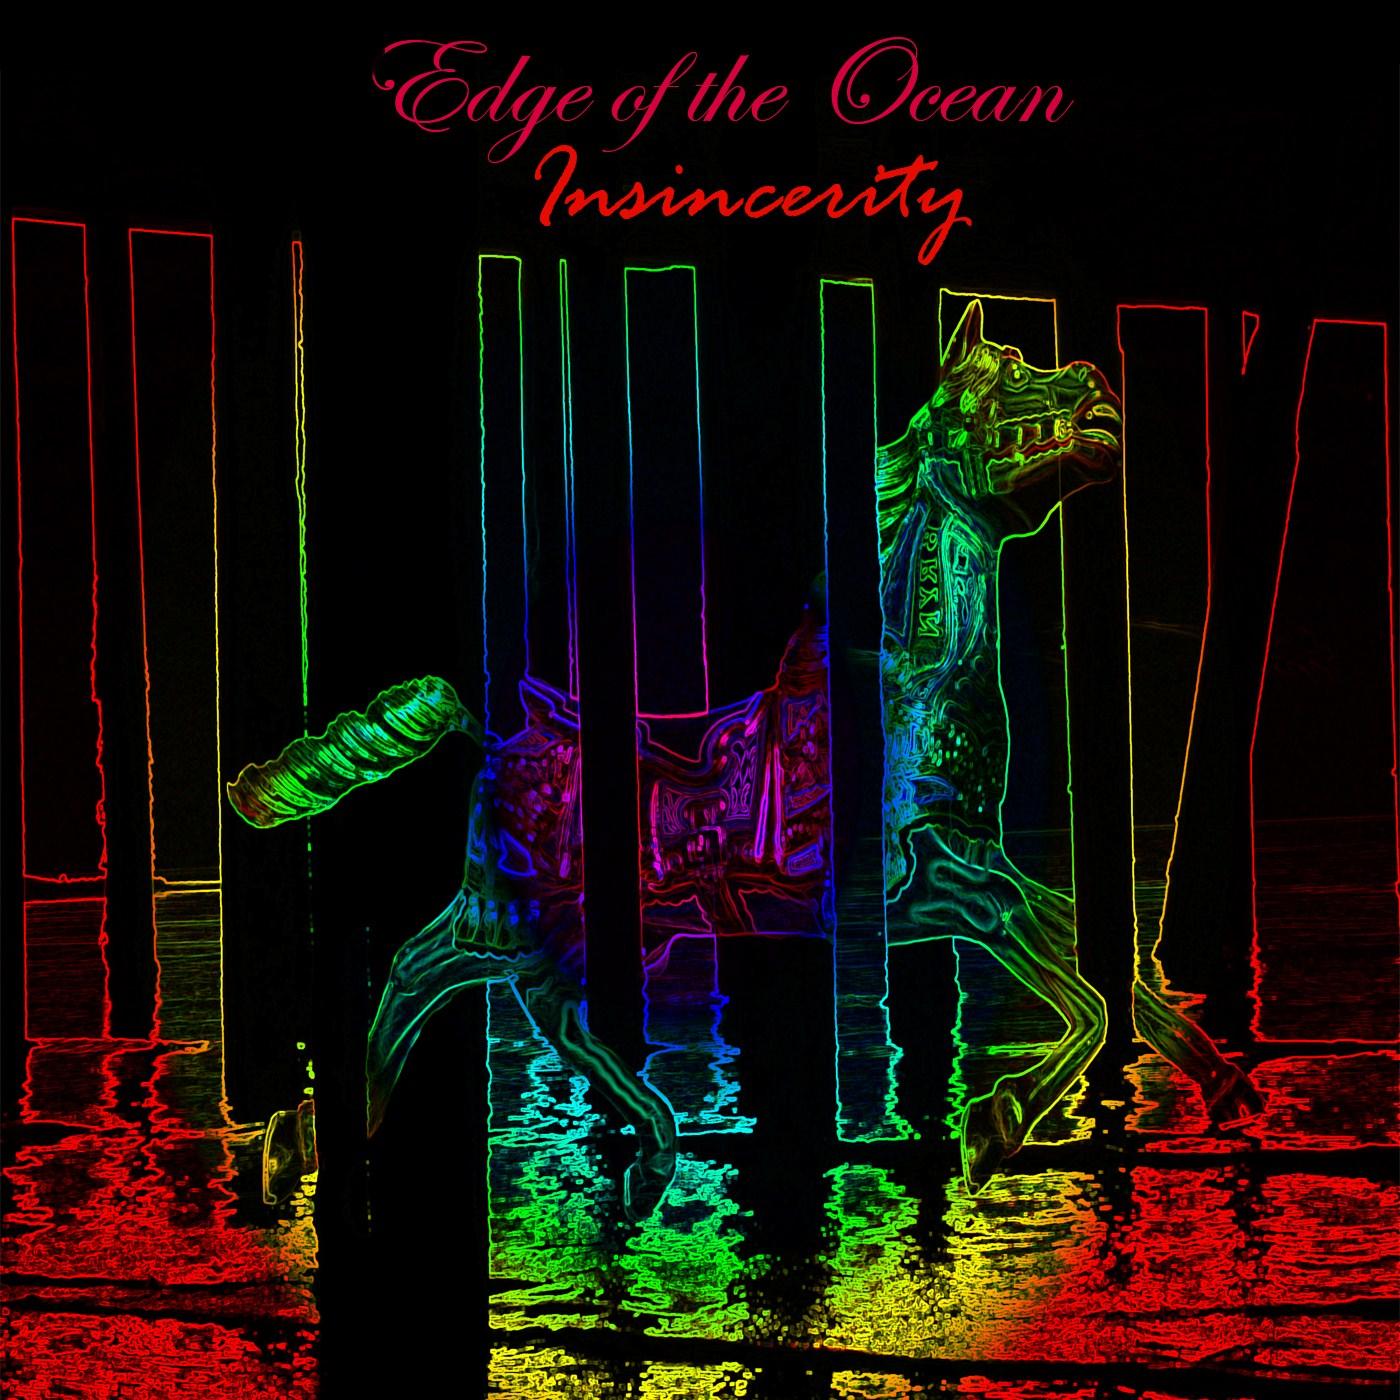 Edge of the Ocean - Insincerity